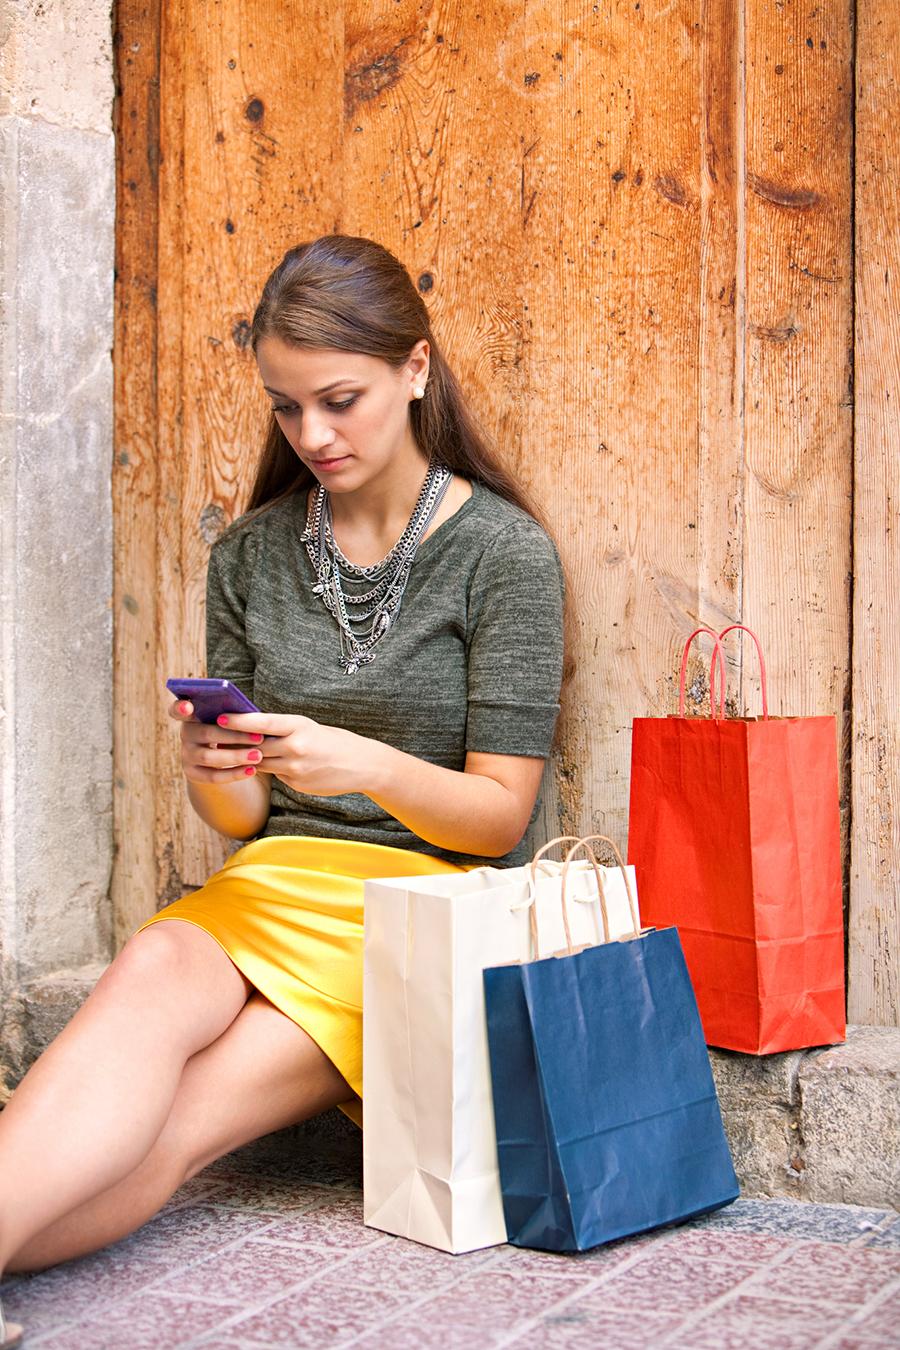 Comparez vos achats pour plus d'économies